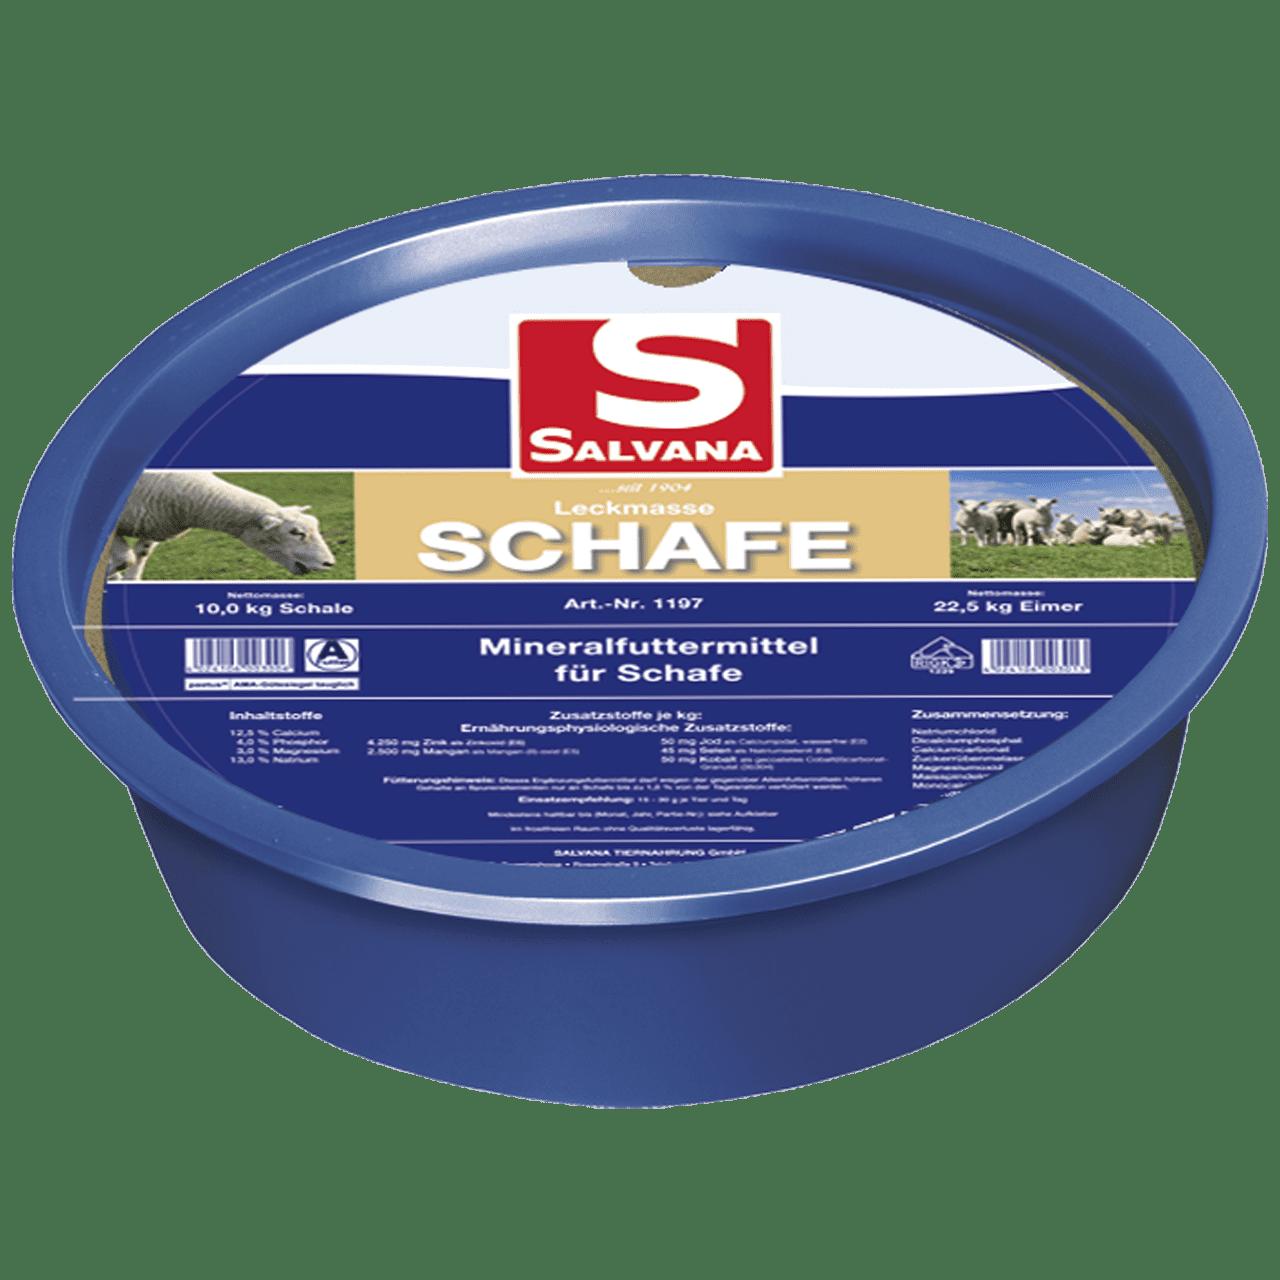 SALVANA Leckmasse Schafe